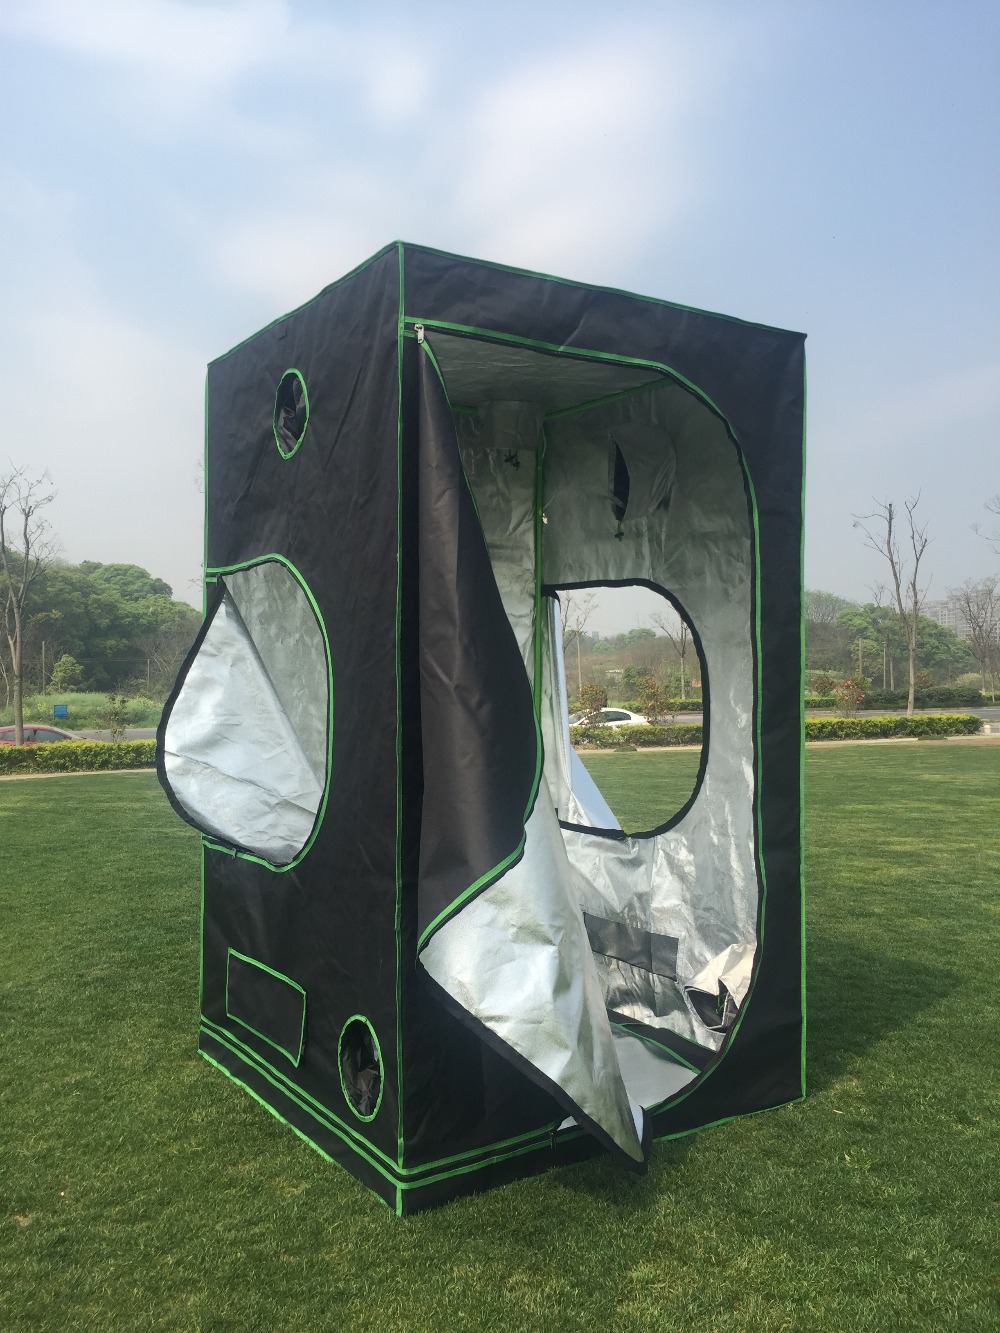 Maison et jardin système hydroponique intérieur pousser tente 48x48x78 pouces (120x120X200 cm) serre Mylay cultiver tente cultiver maison boîte